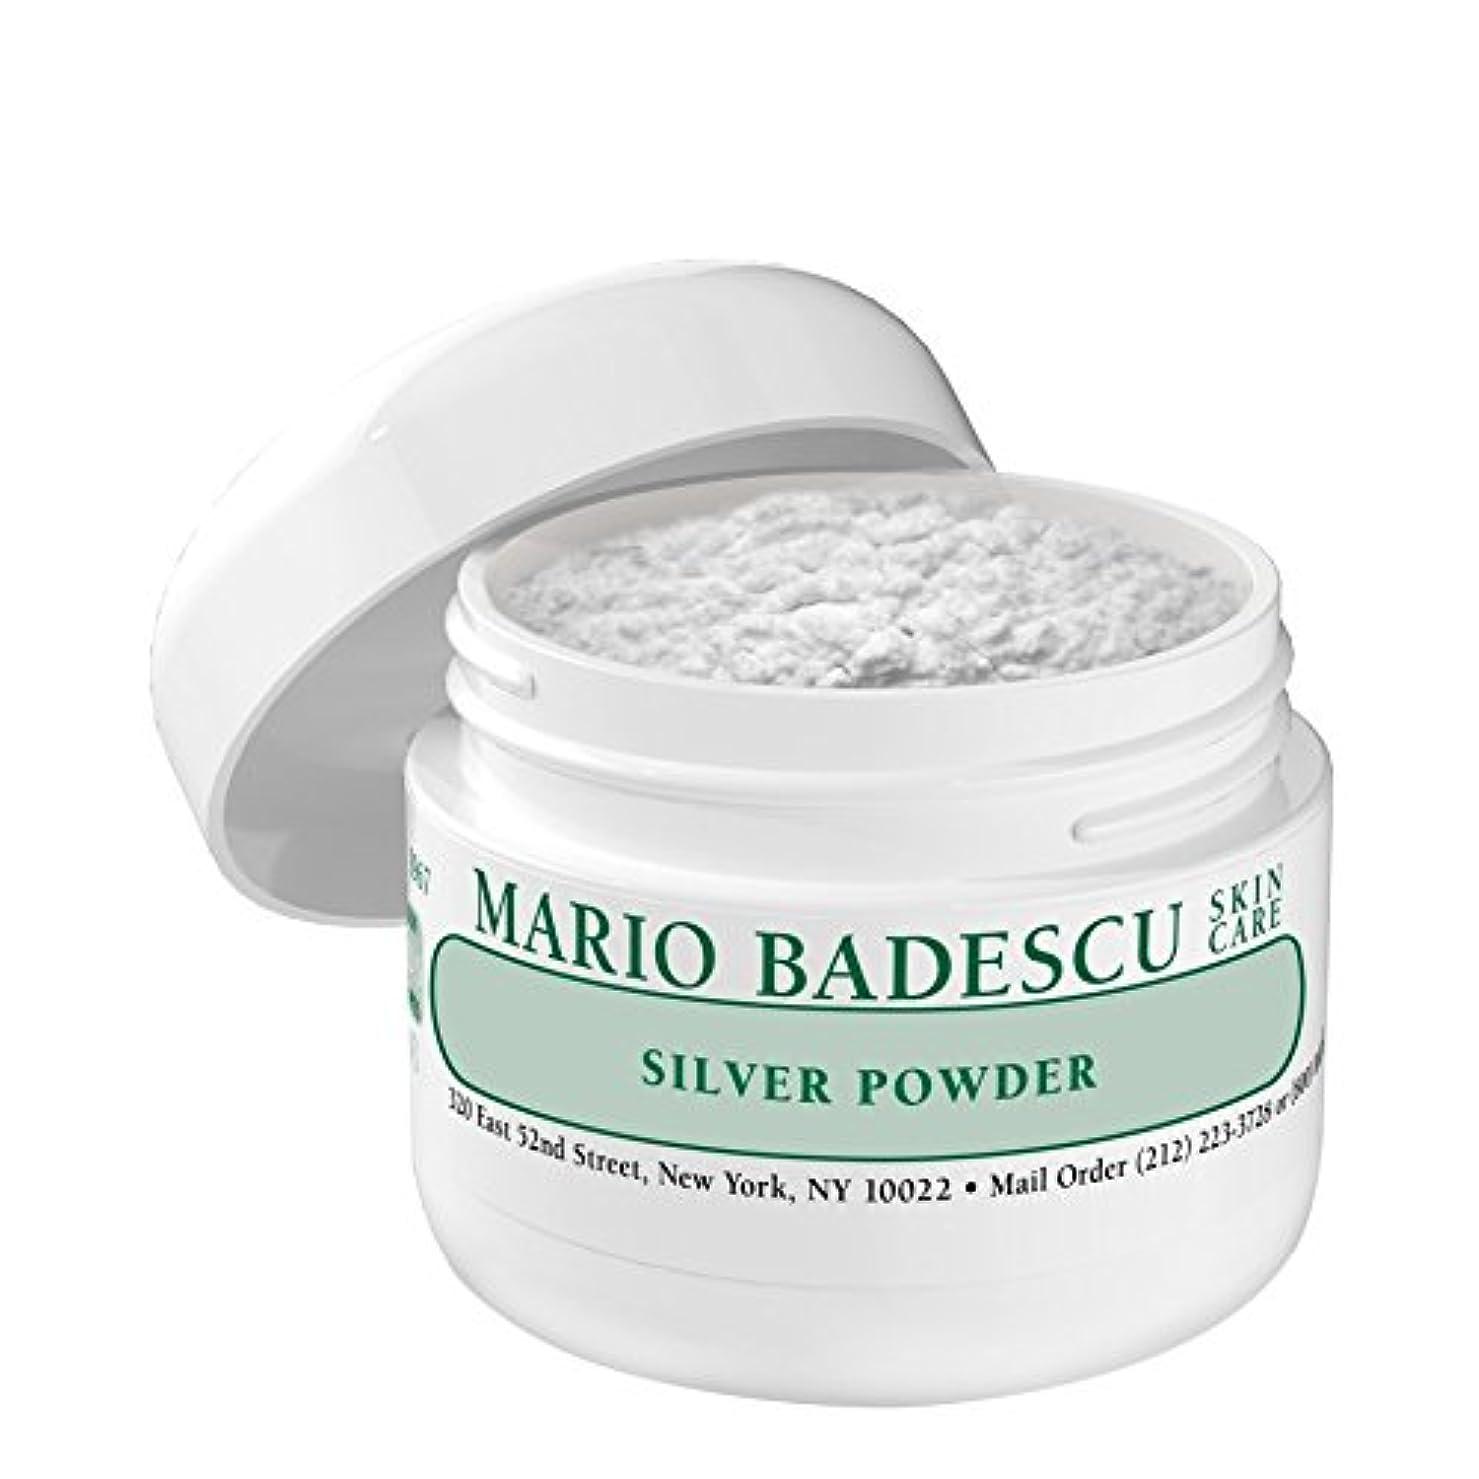 砦リッチお手伝いさんマリオ?バデスキュー銀粉末 x4 - Mario Badescu Silver Powder (Pack of 4) [並行輸入品]